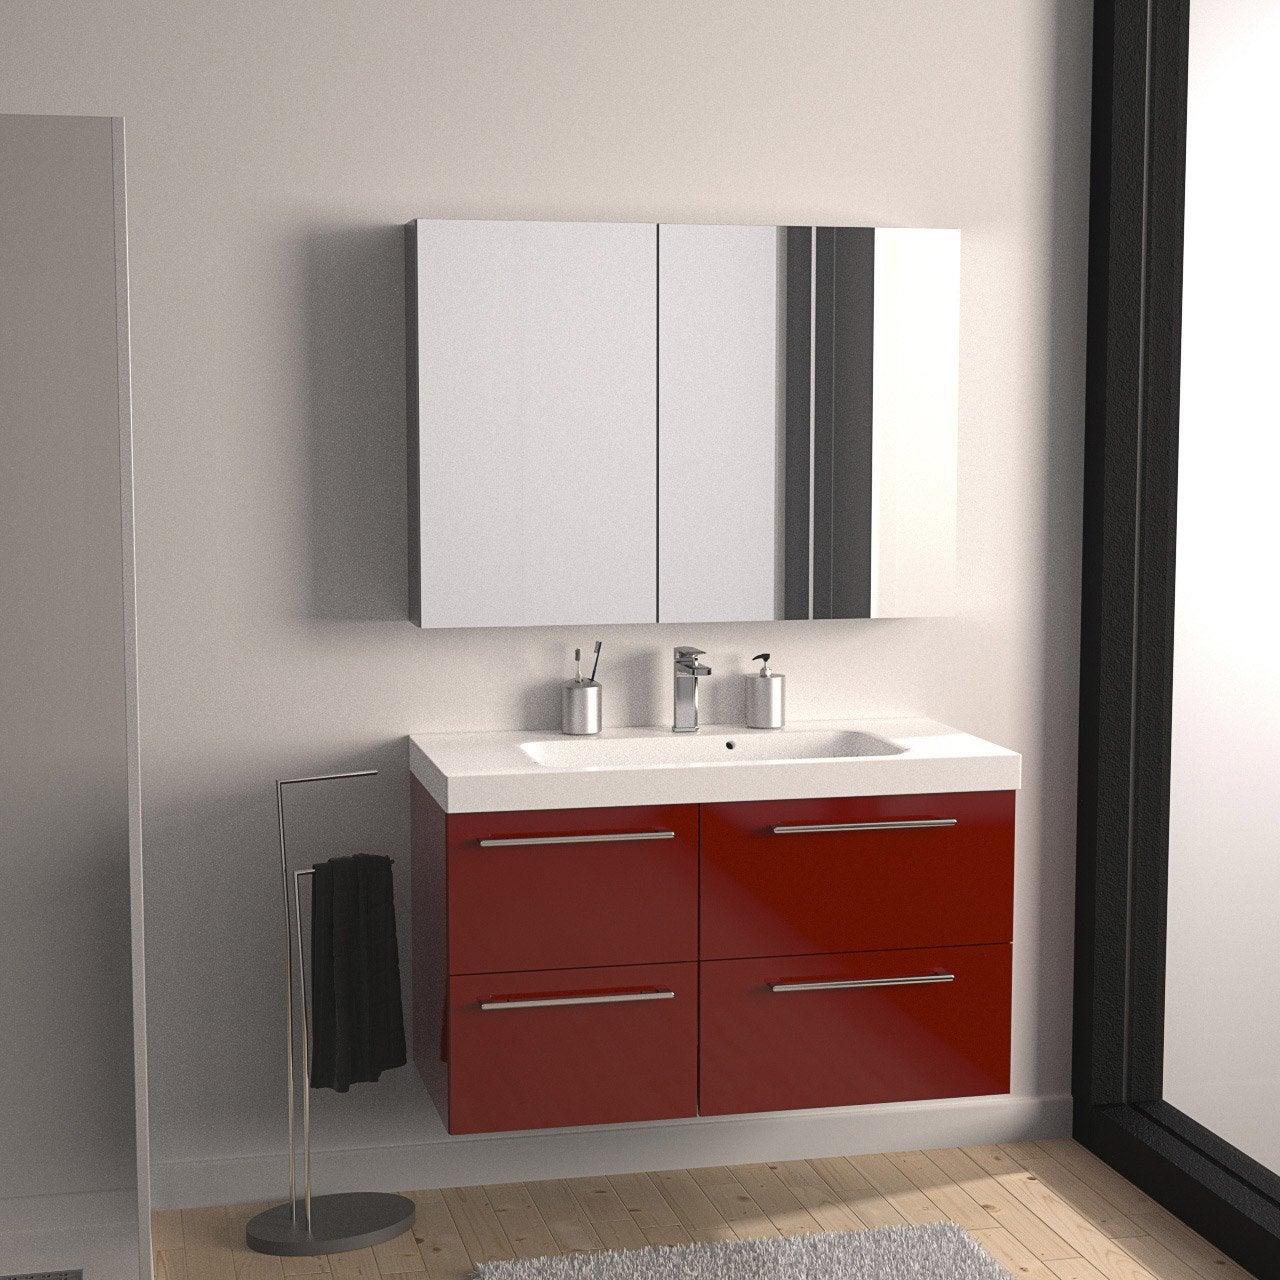 Meuble de salle de bains de 100 119 rouge remix - Meuble salle de bain rouge ikea ...